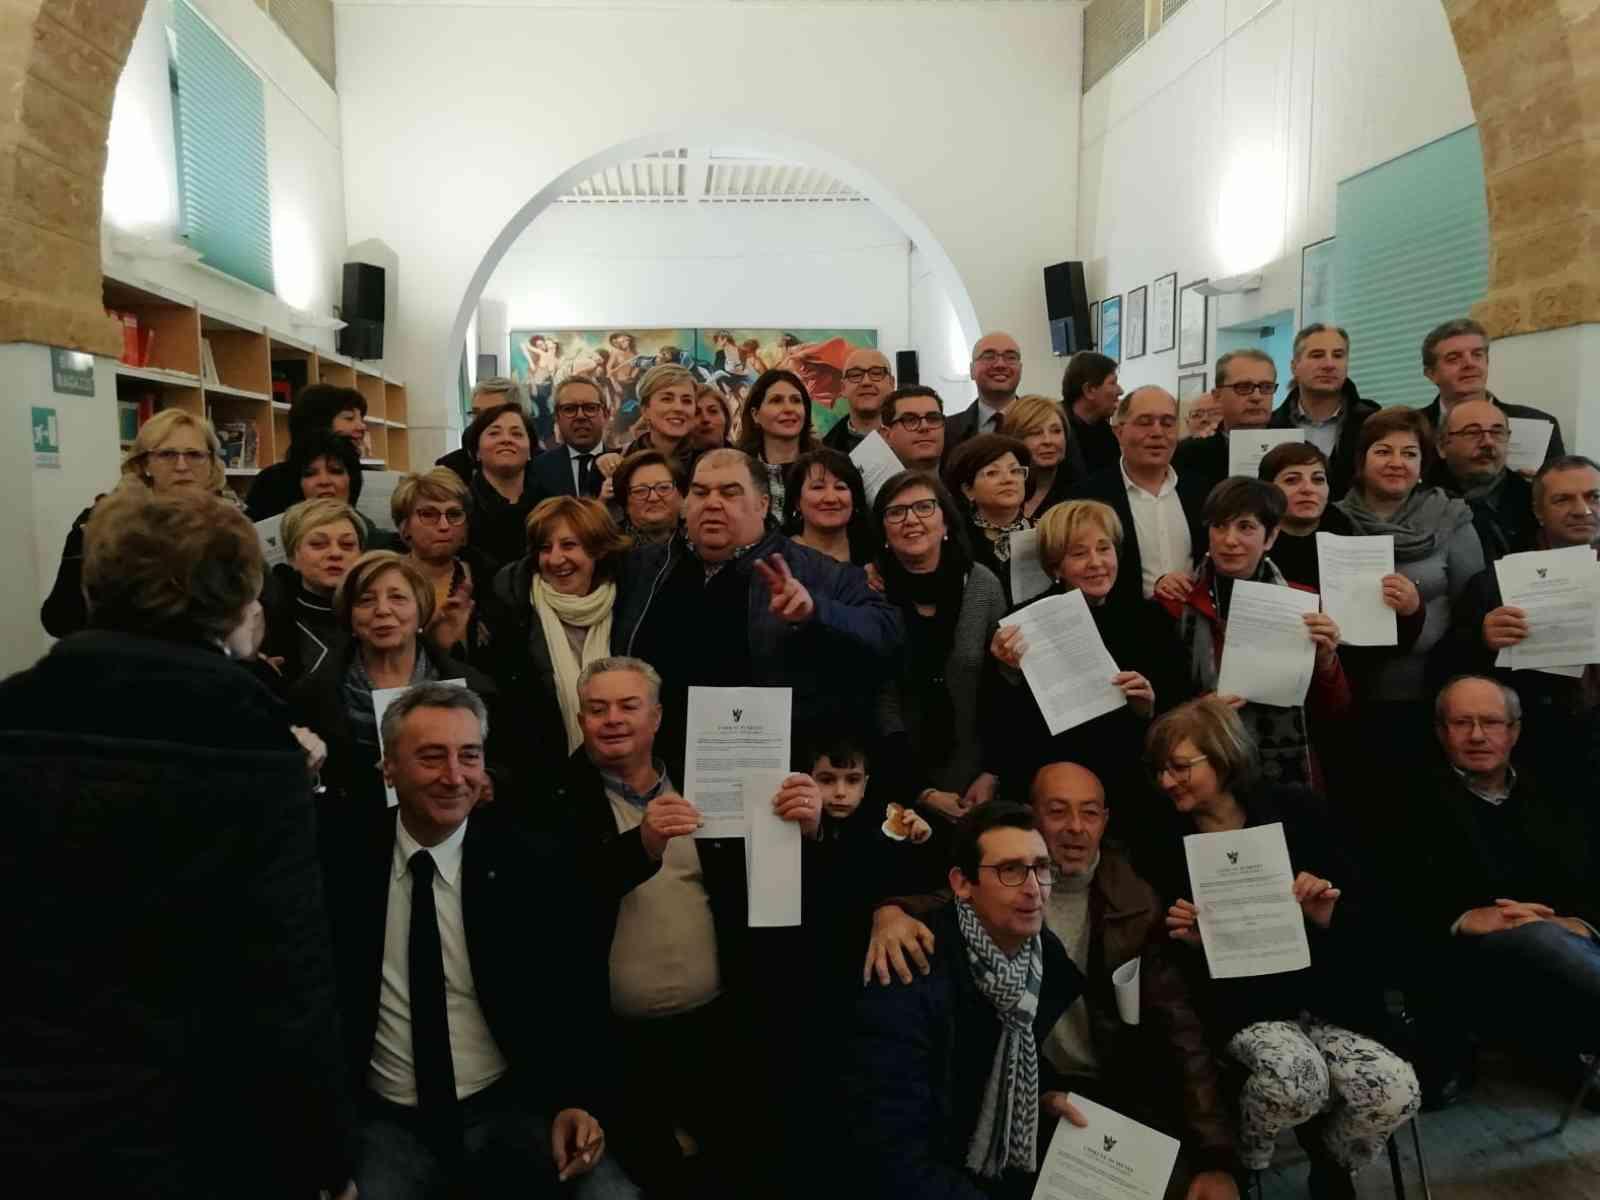 Immagine articolo: Menfi, dopo tanti anni di precariato stabilizzati i 31 lavoratori del Comune. Ieri la cerimonia alla presenza del Sindaco